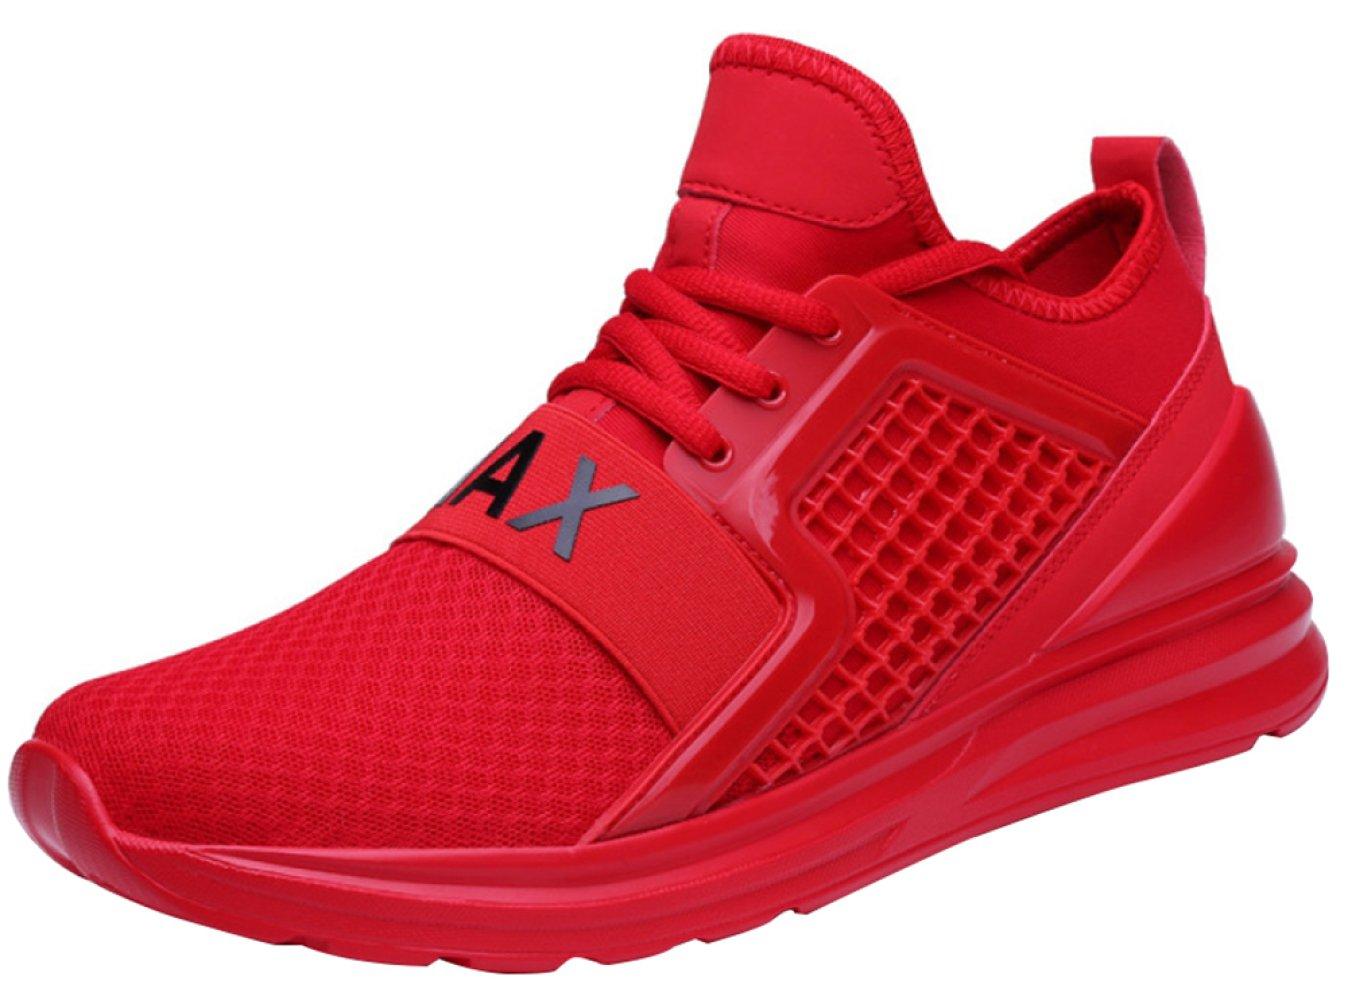 Zapatillas Casuales De Los Hombres Con Zapatos De Senderismo Transpirables De Moda 44EU Red